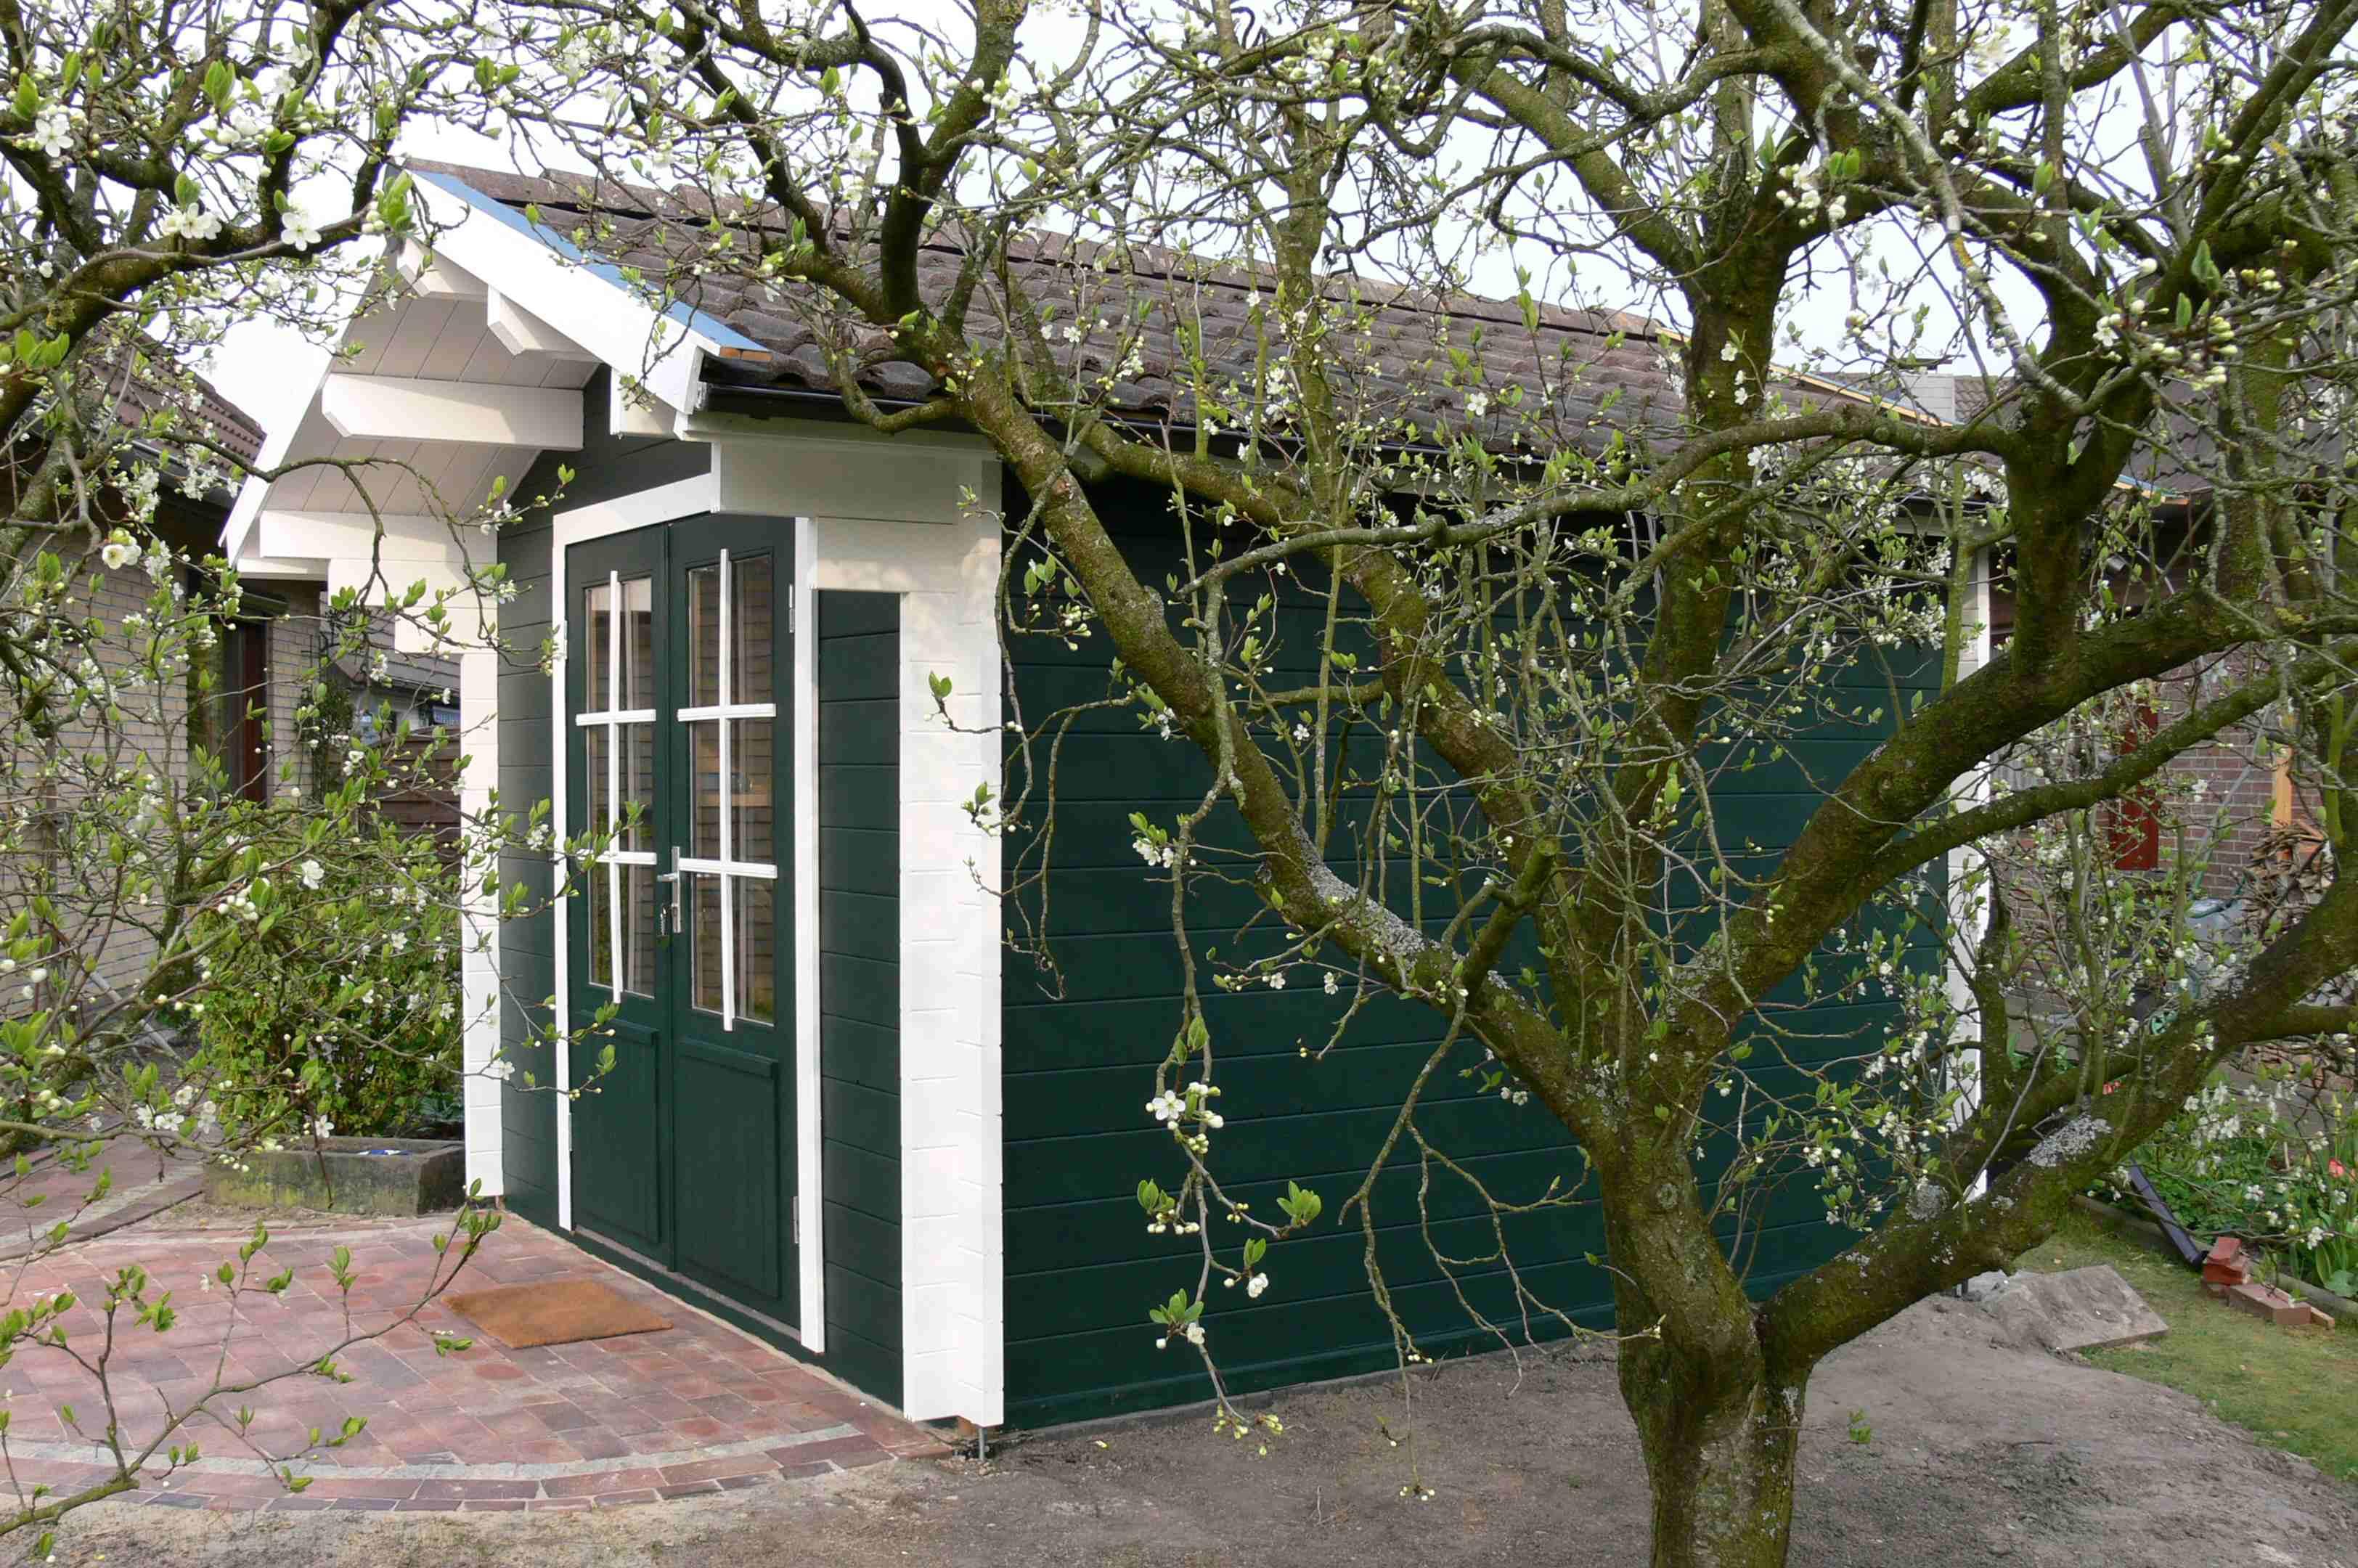 Gartenhaus Baugenehmigung: Was ist zu beachten?